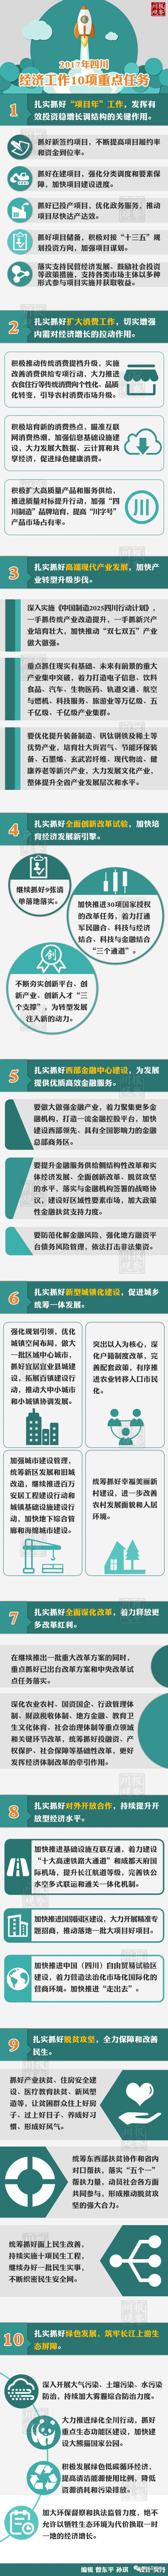 """图解2017年四川经济工作10项重点任务"""""""